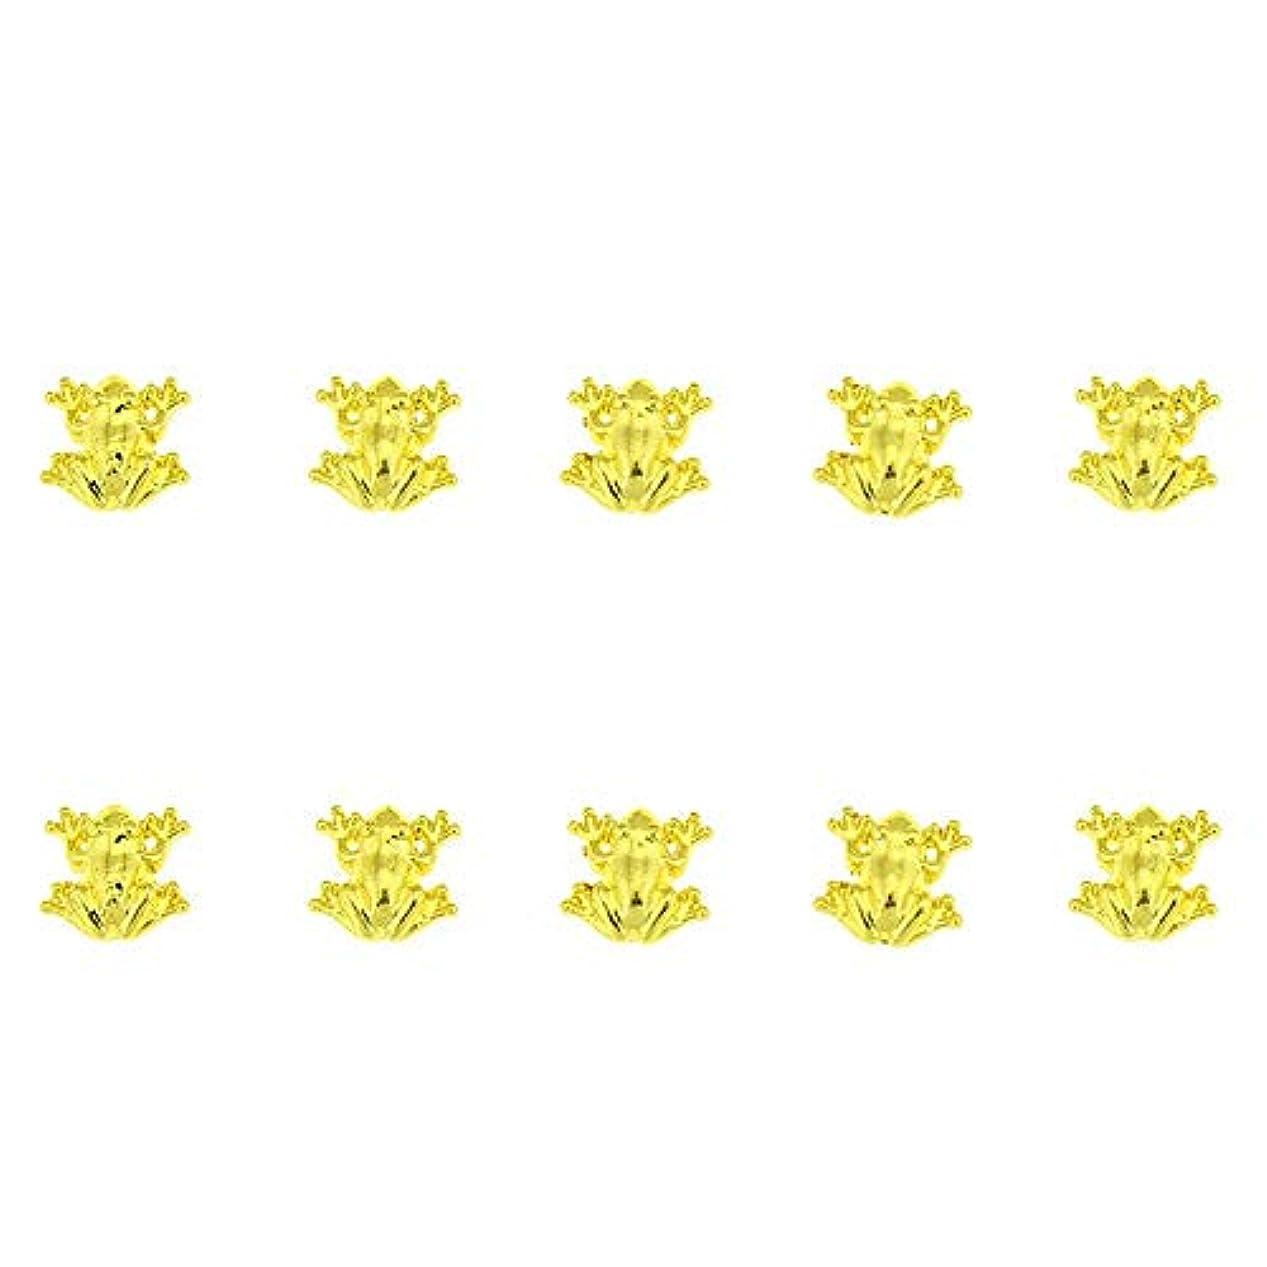 研磨蚊衝突10個/ロット3D 10ミリメートル* 10ミリメートルネイルアート美容ゴールデンフロッグデザインメタルネイルアートの装飾用品